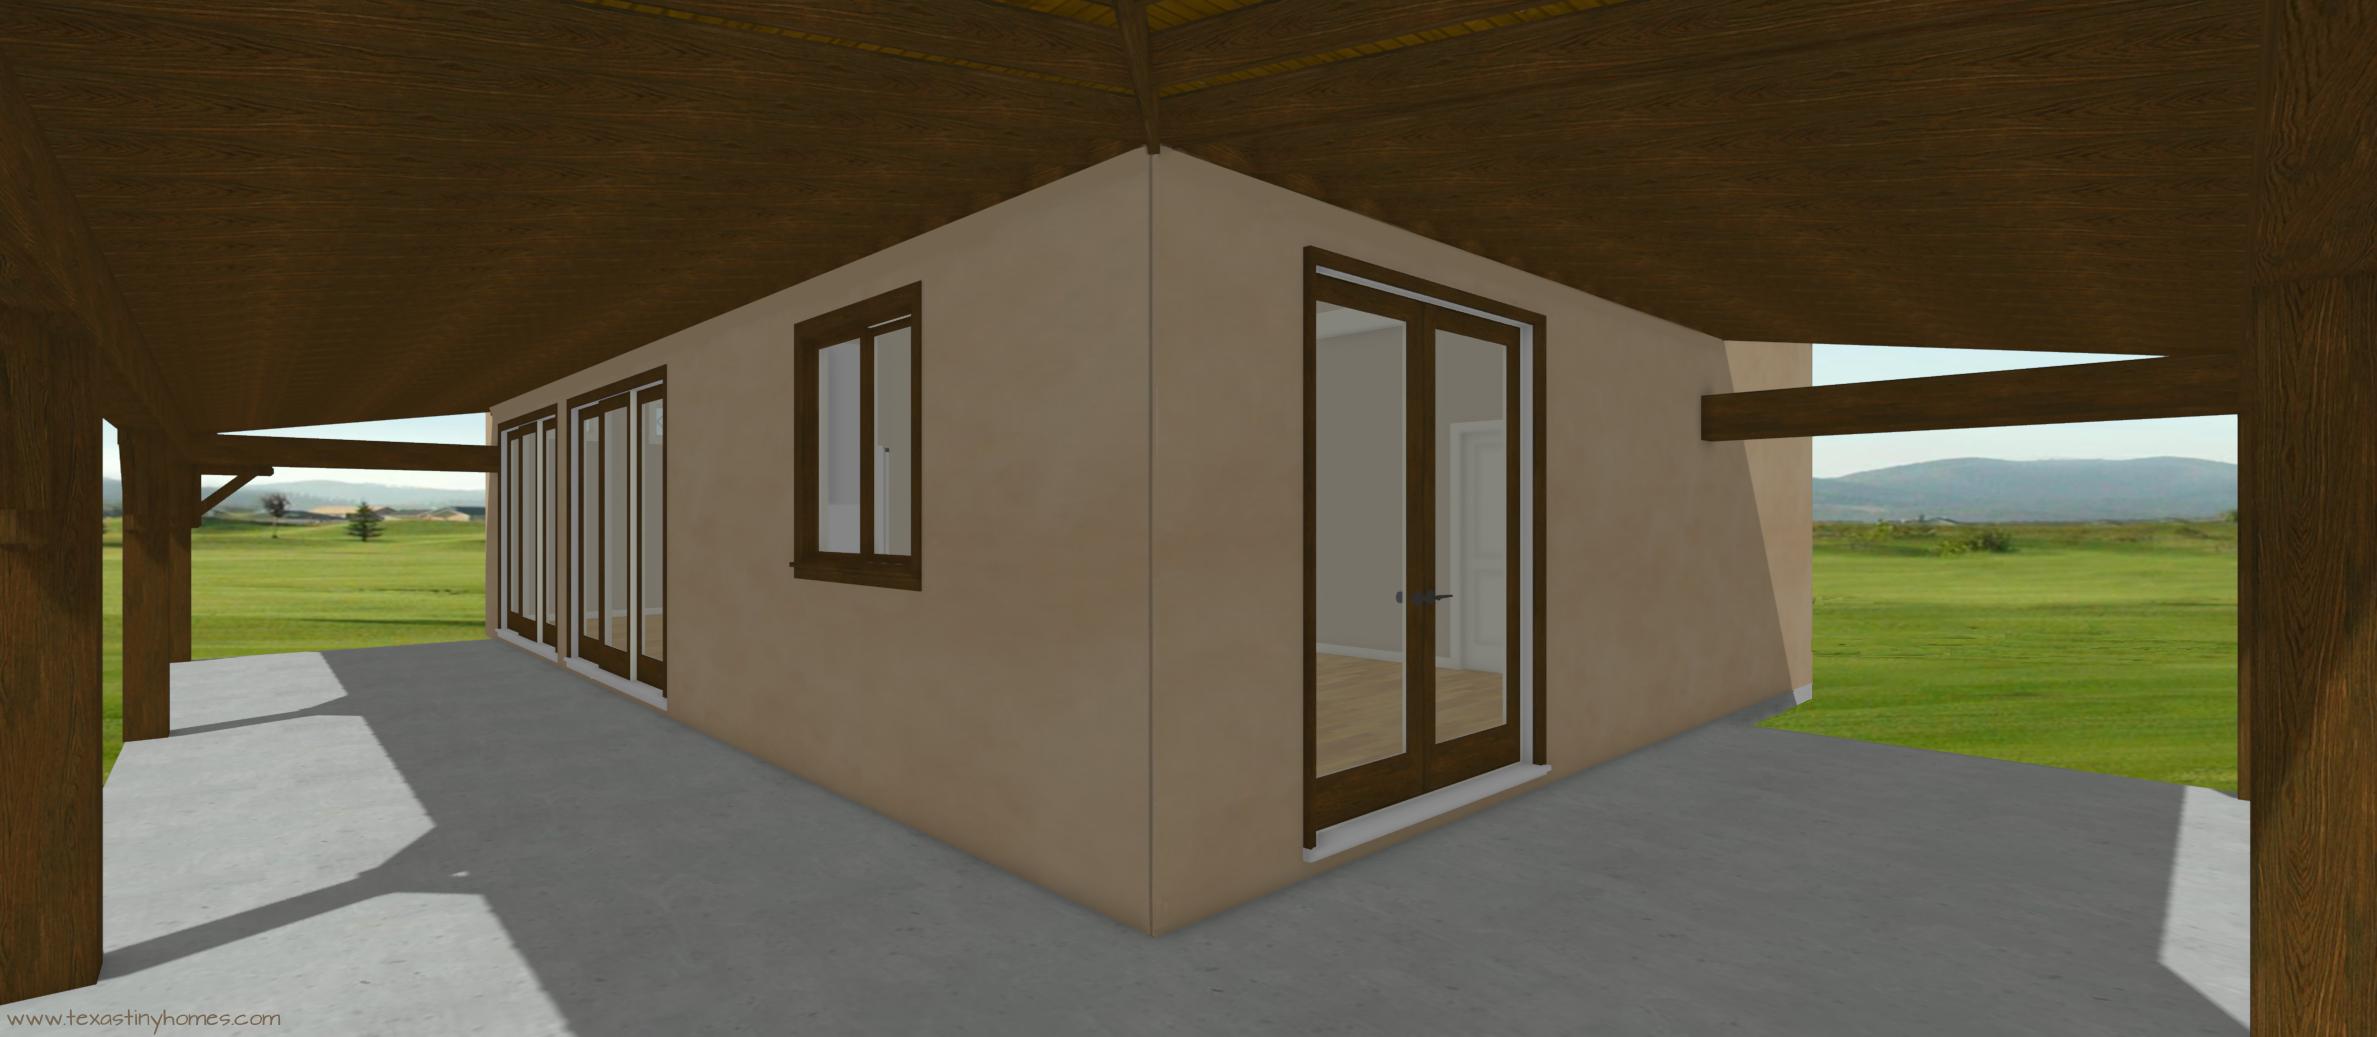 Austin Small Homes, Austin Guest Suites, Texas Hill Country House Plans, Austin House Plans, Austin Plan Designer, Hill Country Homes, Austin Luxury Homes, Austin Home Builders